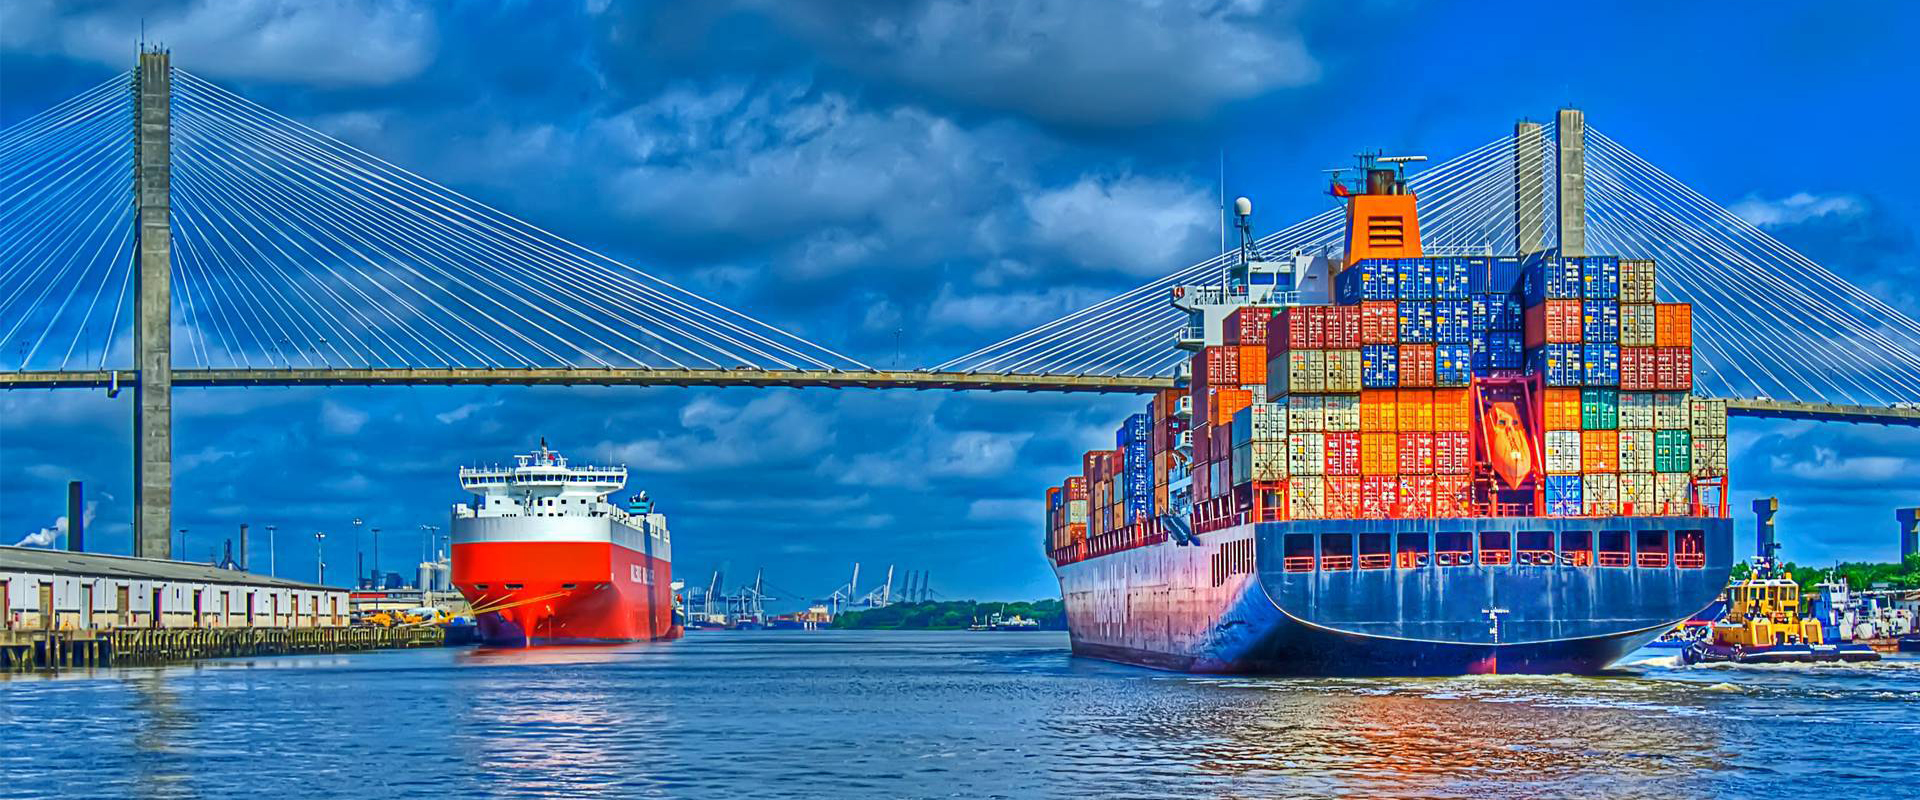 Quy trình nhập khẩu hàng lẻ đường biển (LCL)